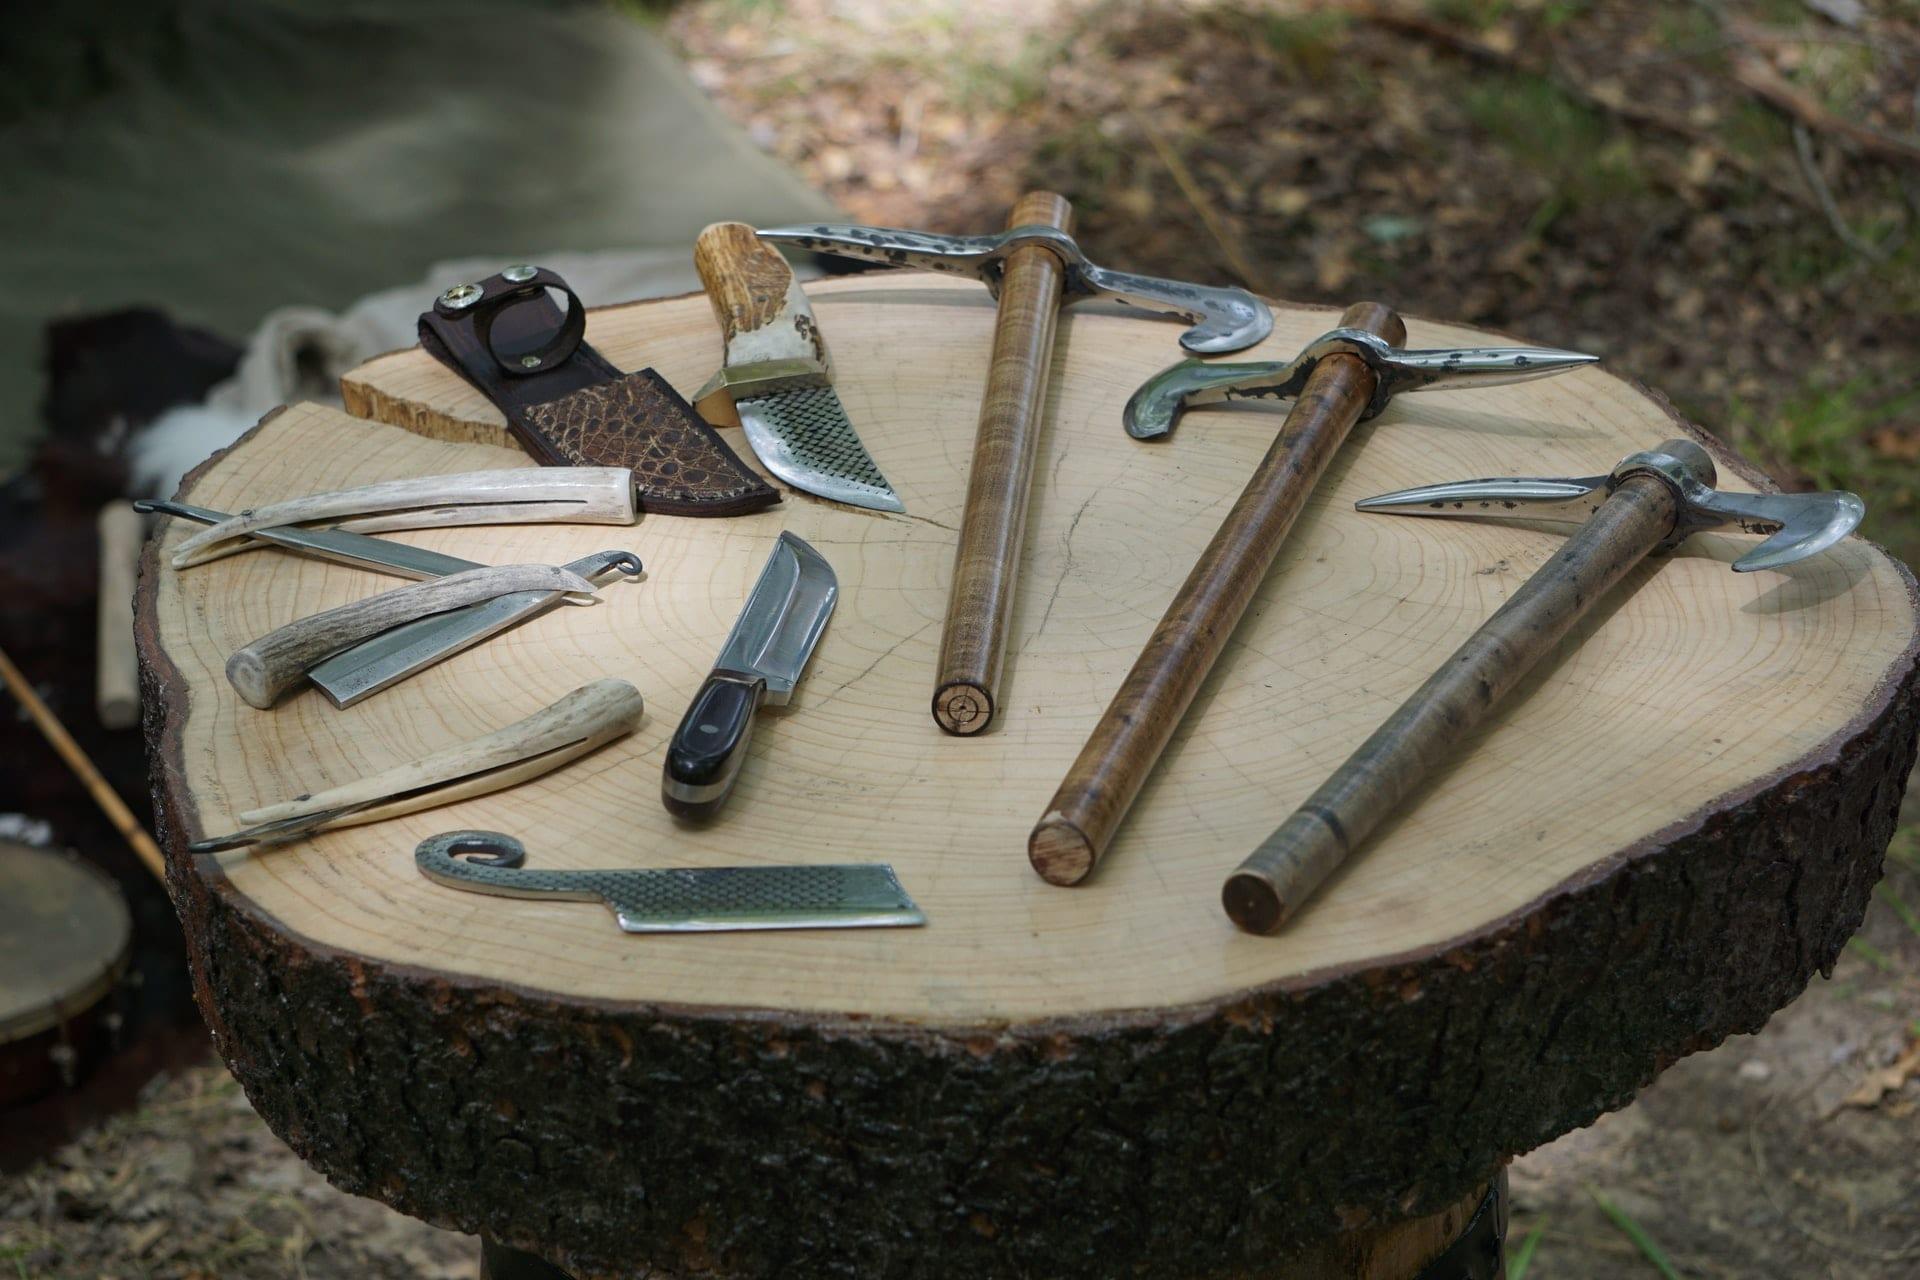 axe collection